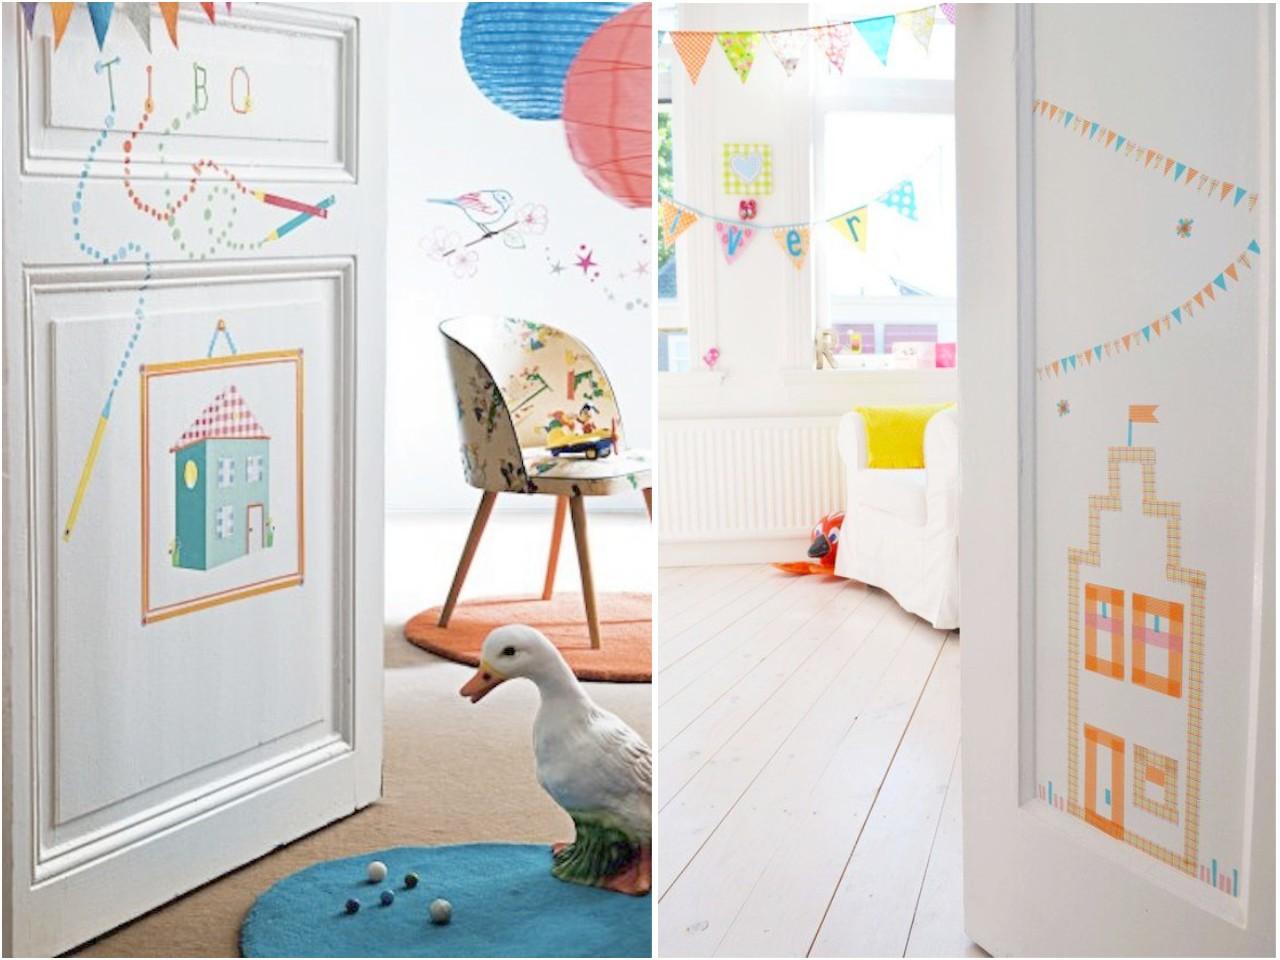 Puertas originales interiores puertas corredizas interior - Puertas originales interiores ...